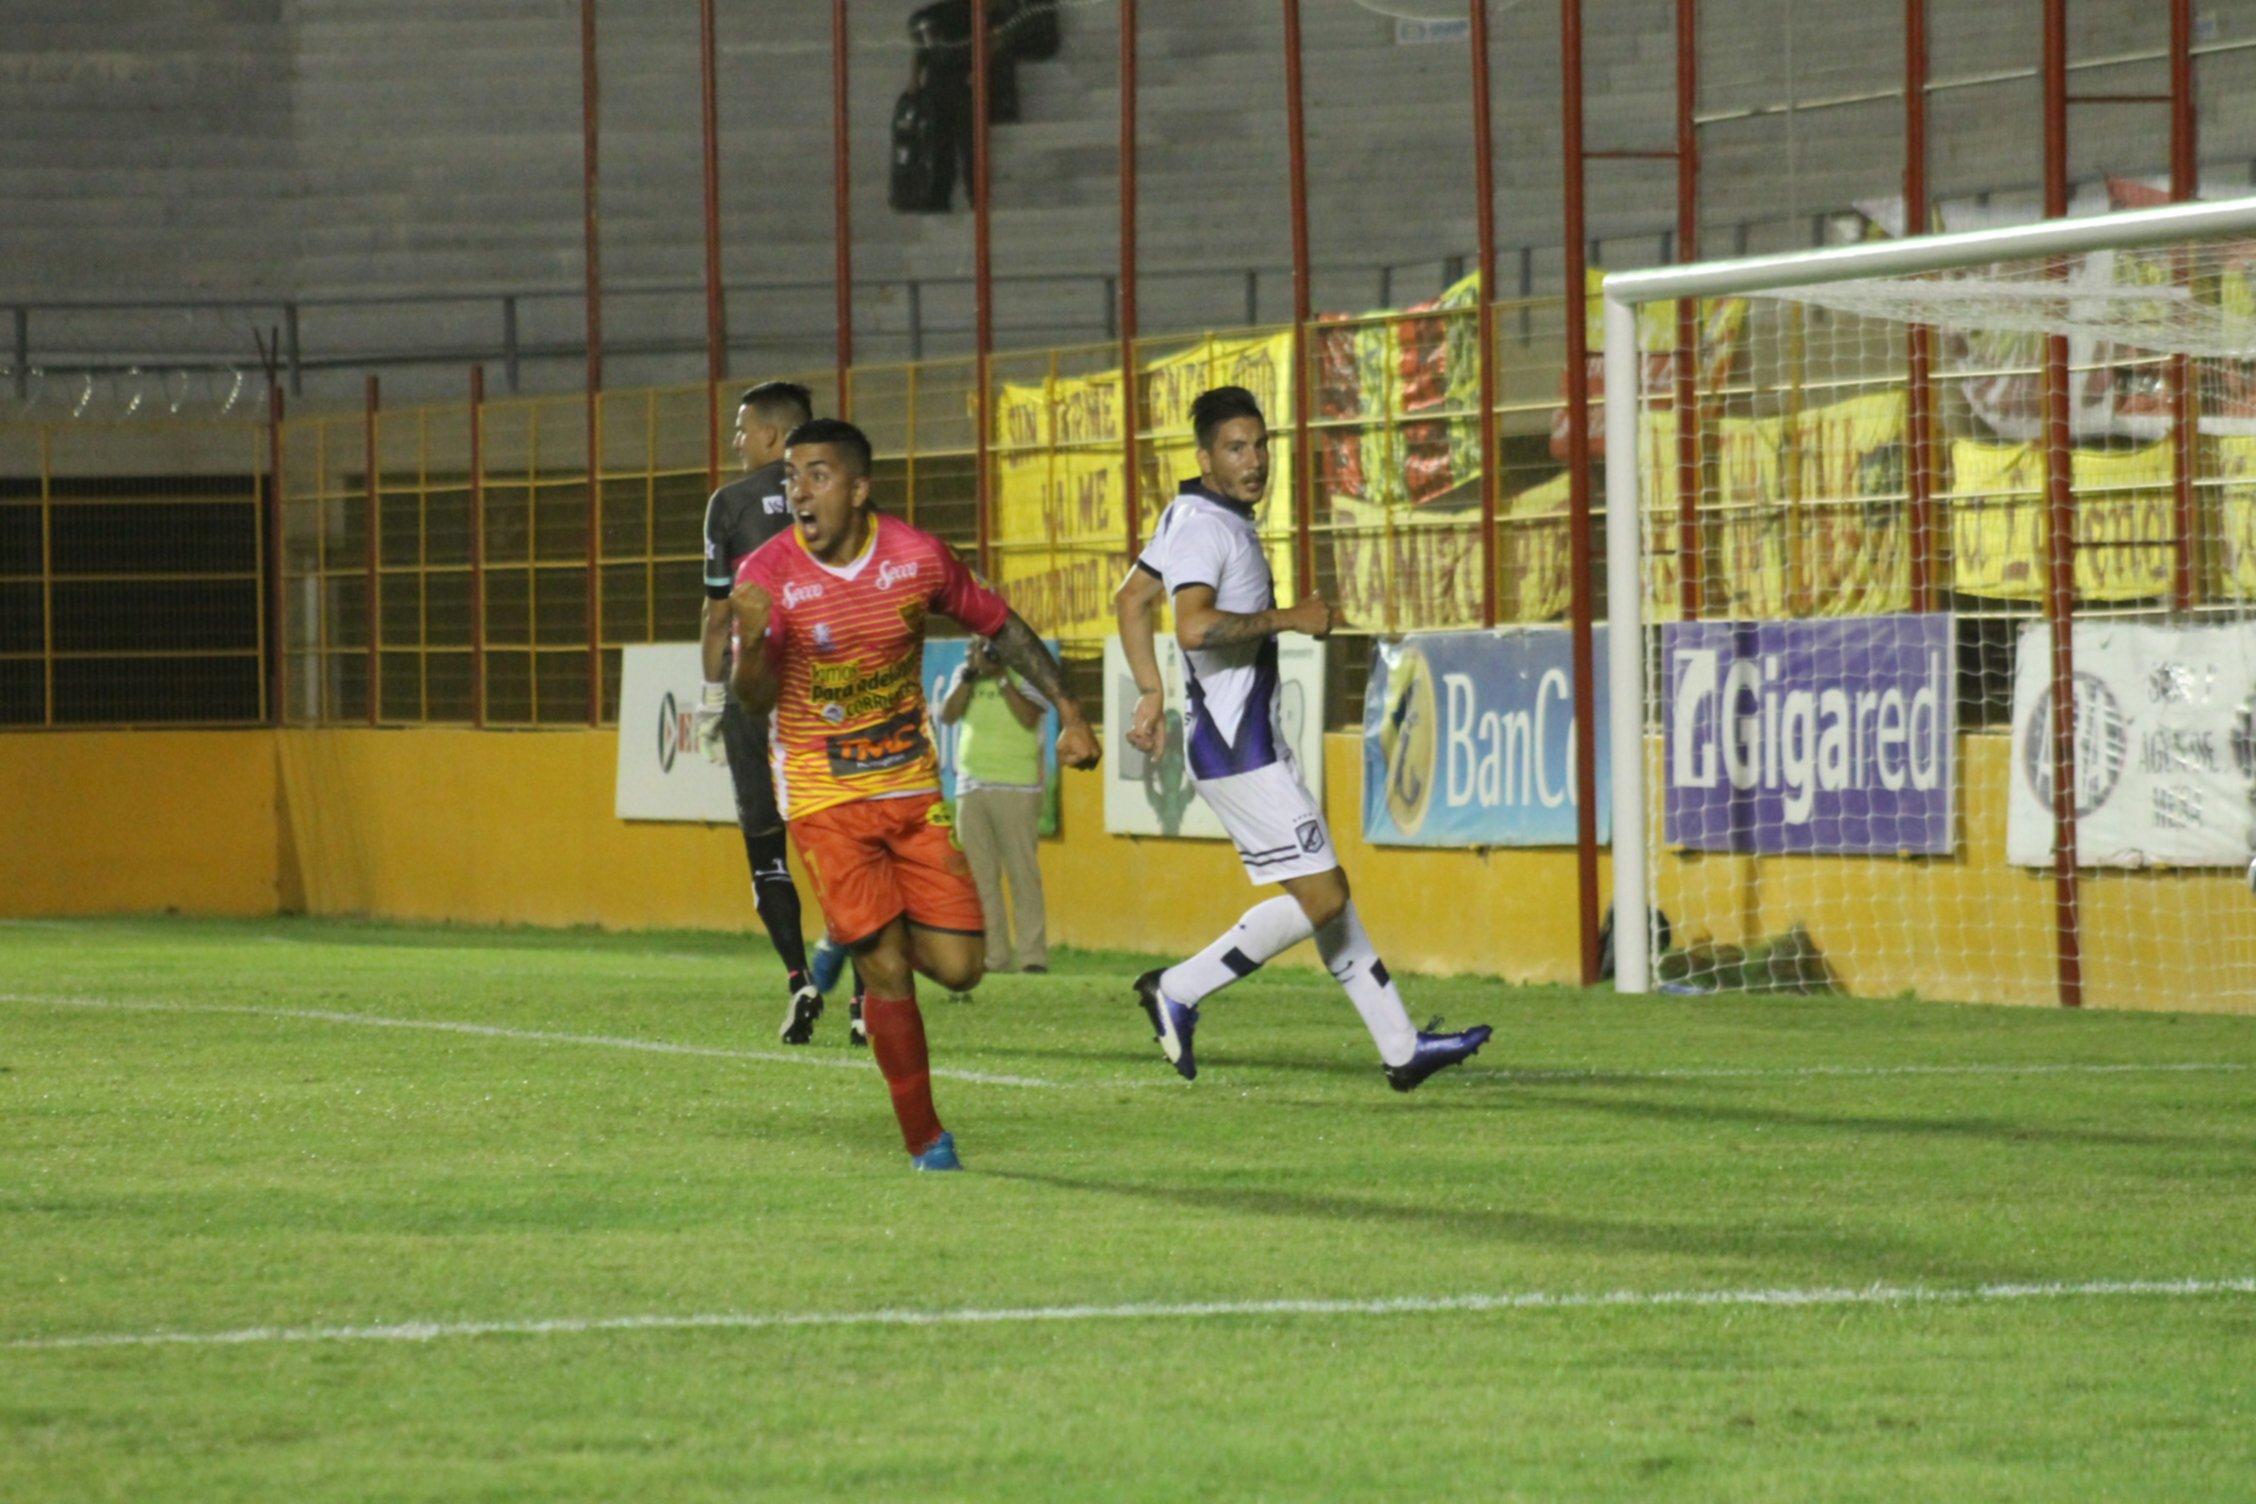 <p>Festejo. Diego Sosa respondi&oacute; la confianza depositada por Carlos Mayor con una buena producci&oacute;n y el primer gol boquense.</p>